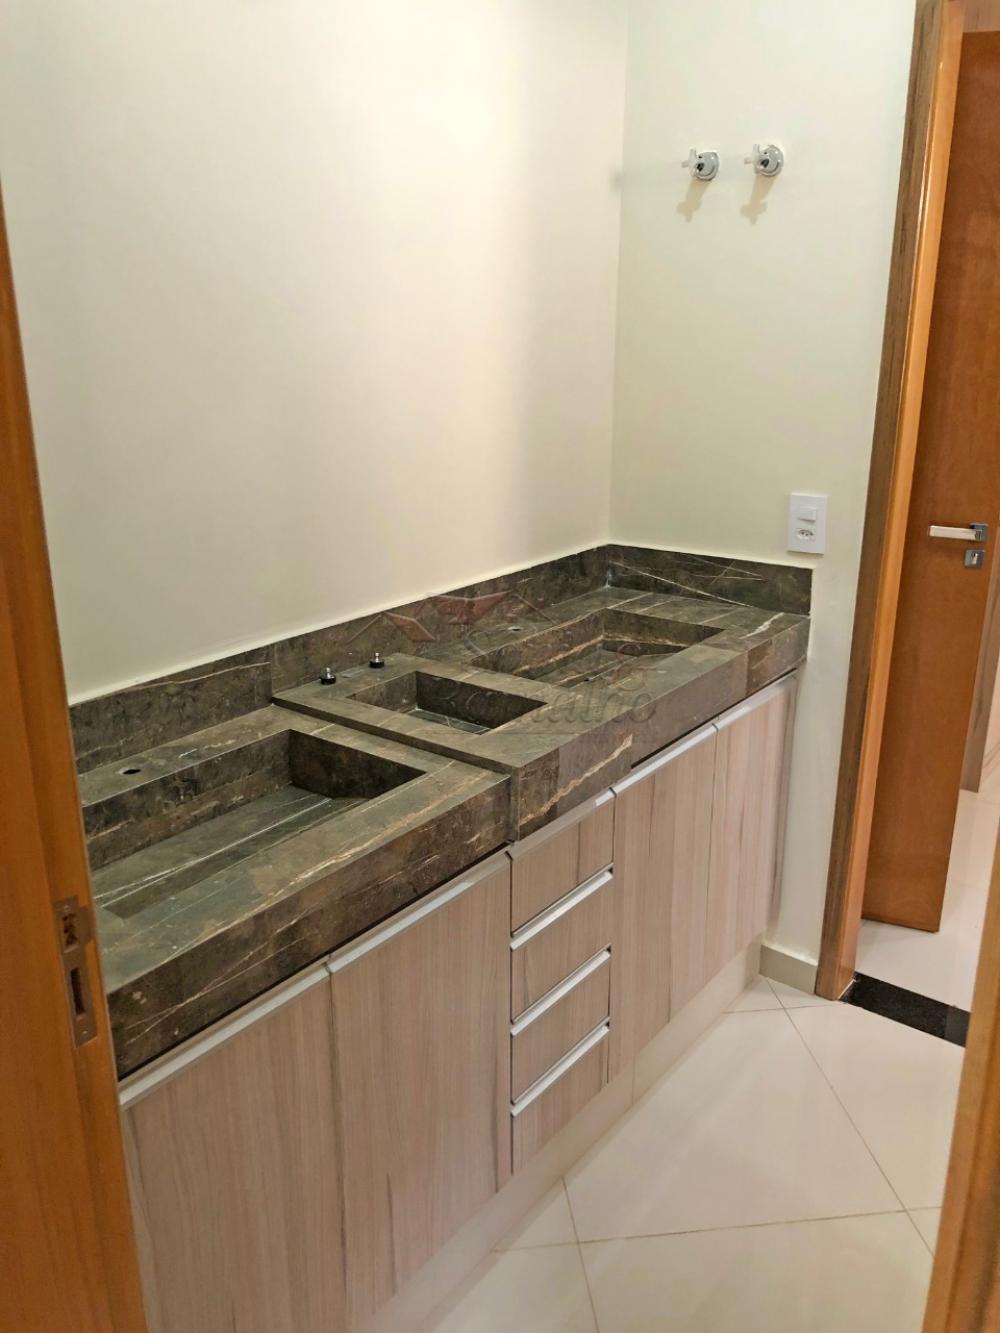 Comprar Casas / Condomínio em Ribeirão Preto apenas R$ 690.000,00 - Foto 7